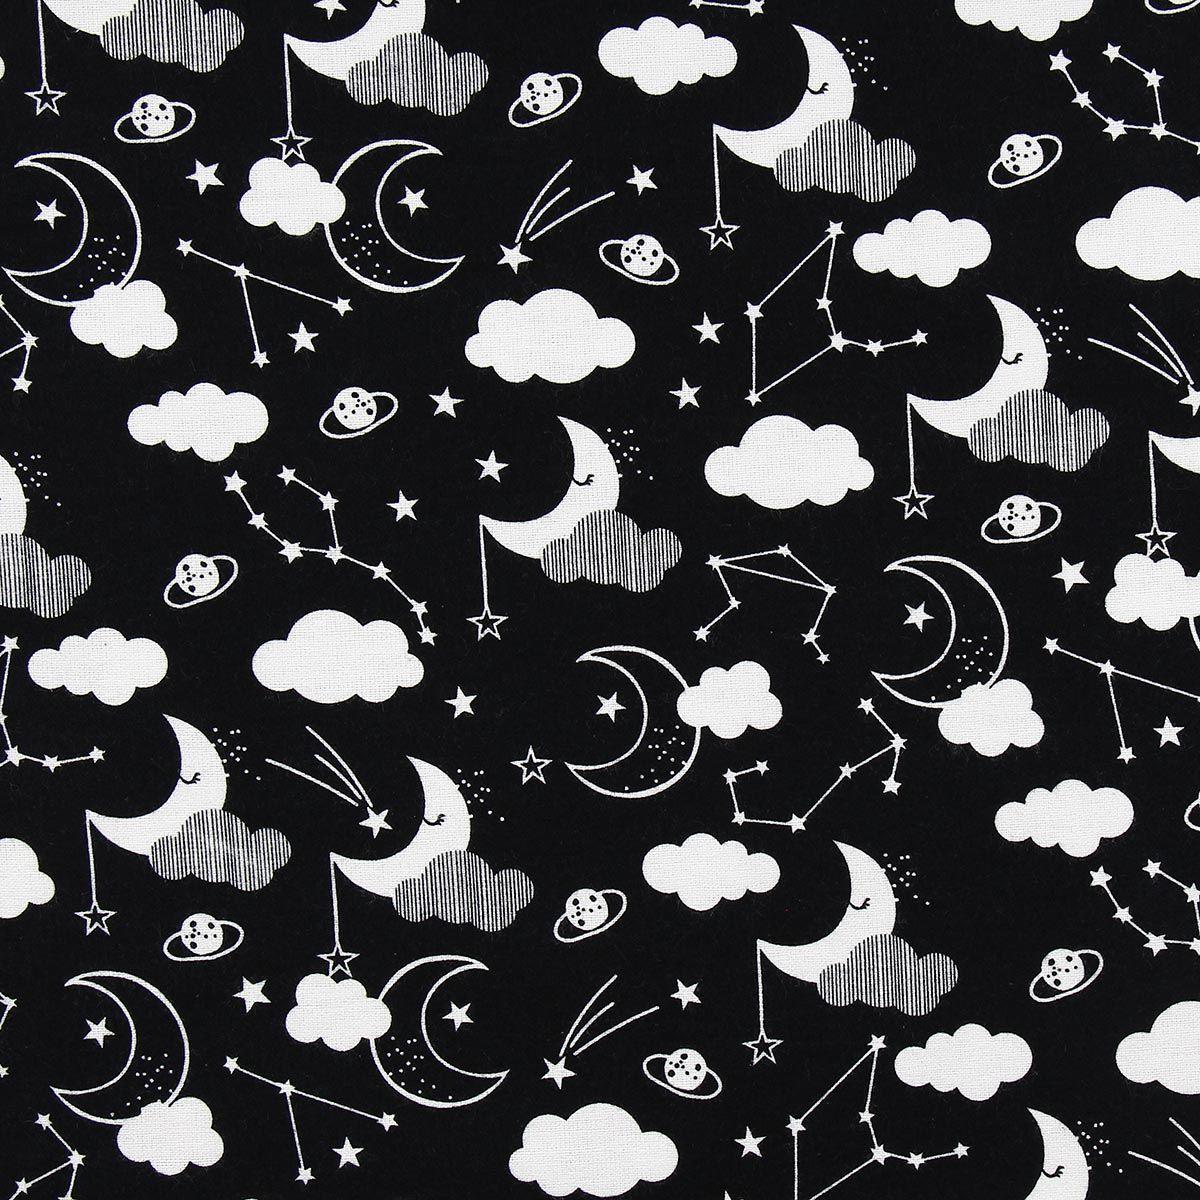 Tissu flanelle 3 wishes Fabric - Constellation noir et blanc